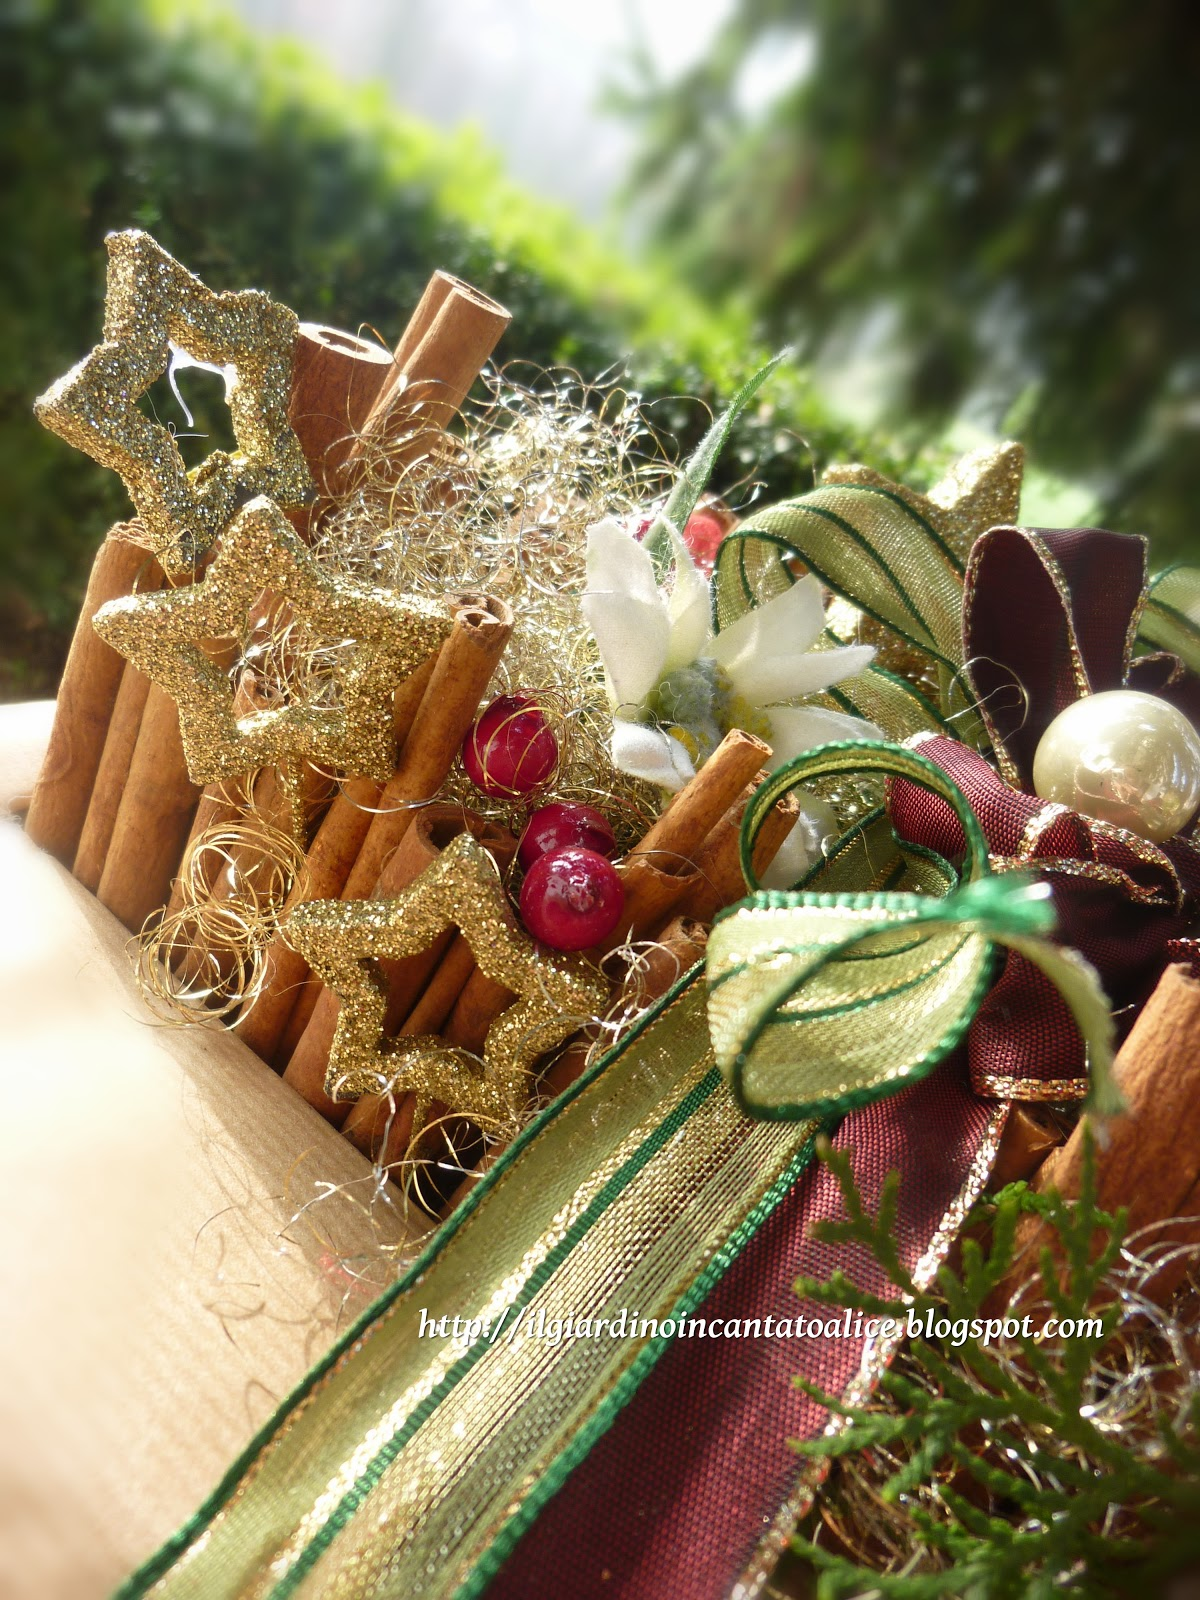 Il giardino incantato di alice la mia salzburg box una scatola sorprendente - Il giardino di alice ...